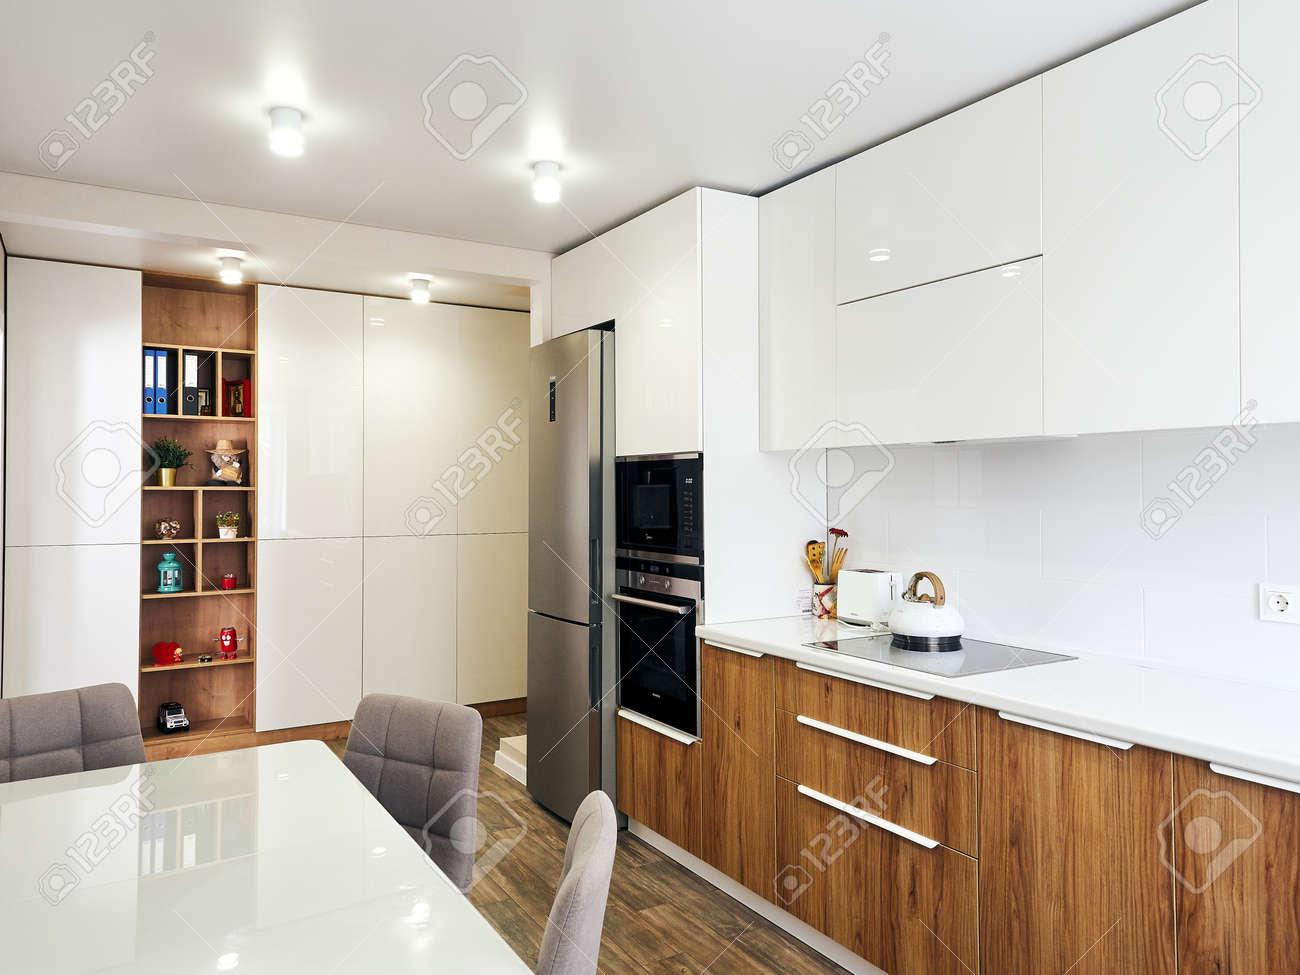 detail of modern whit kitchen interior - 151695559